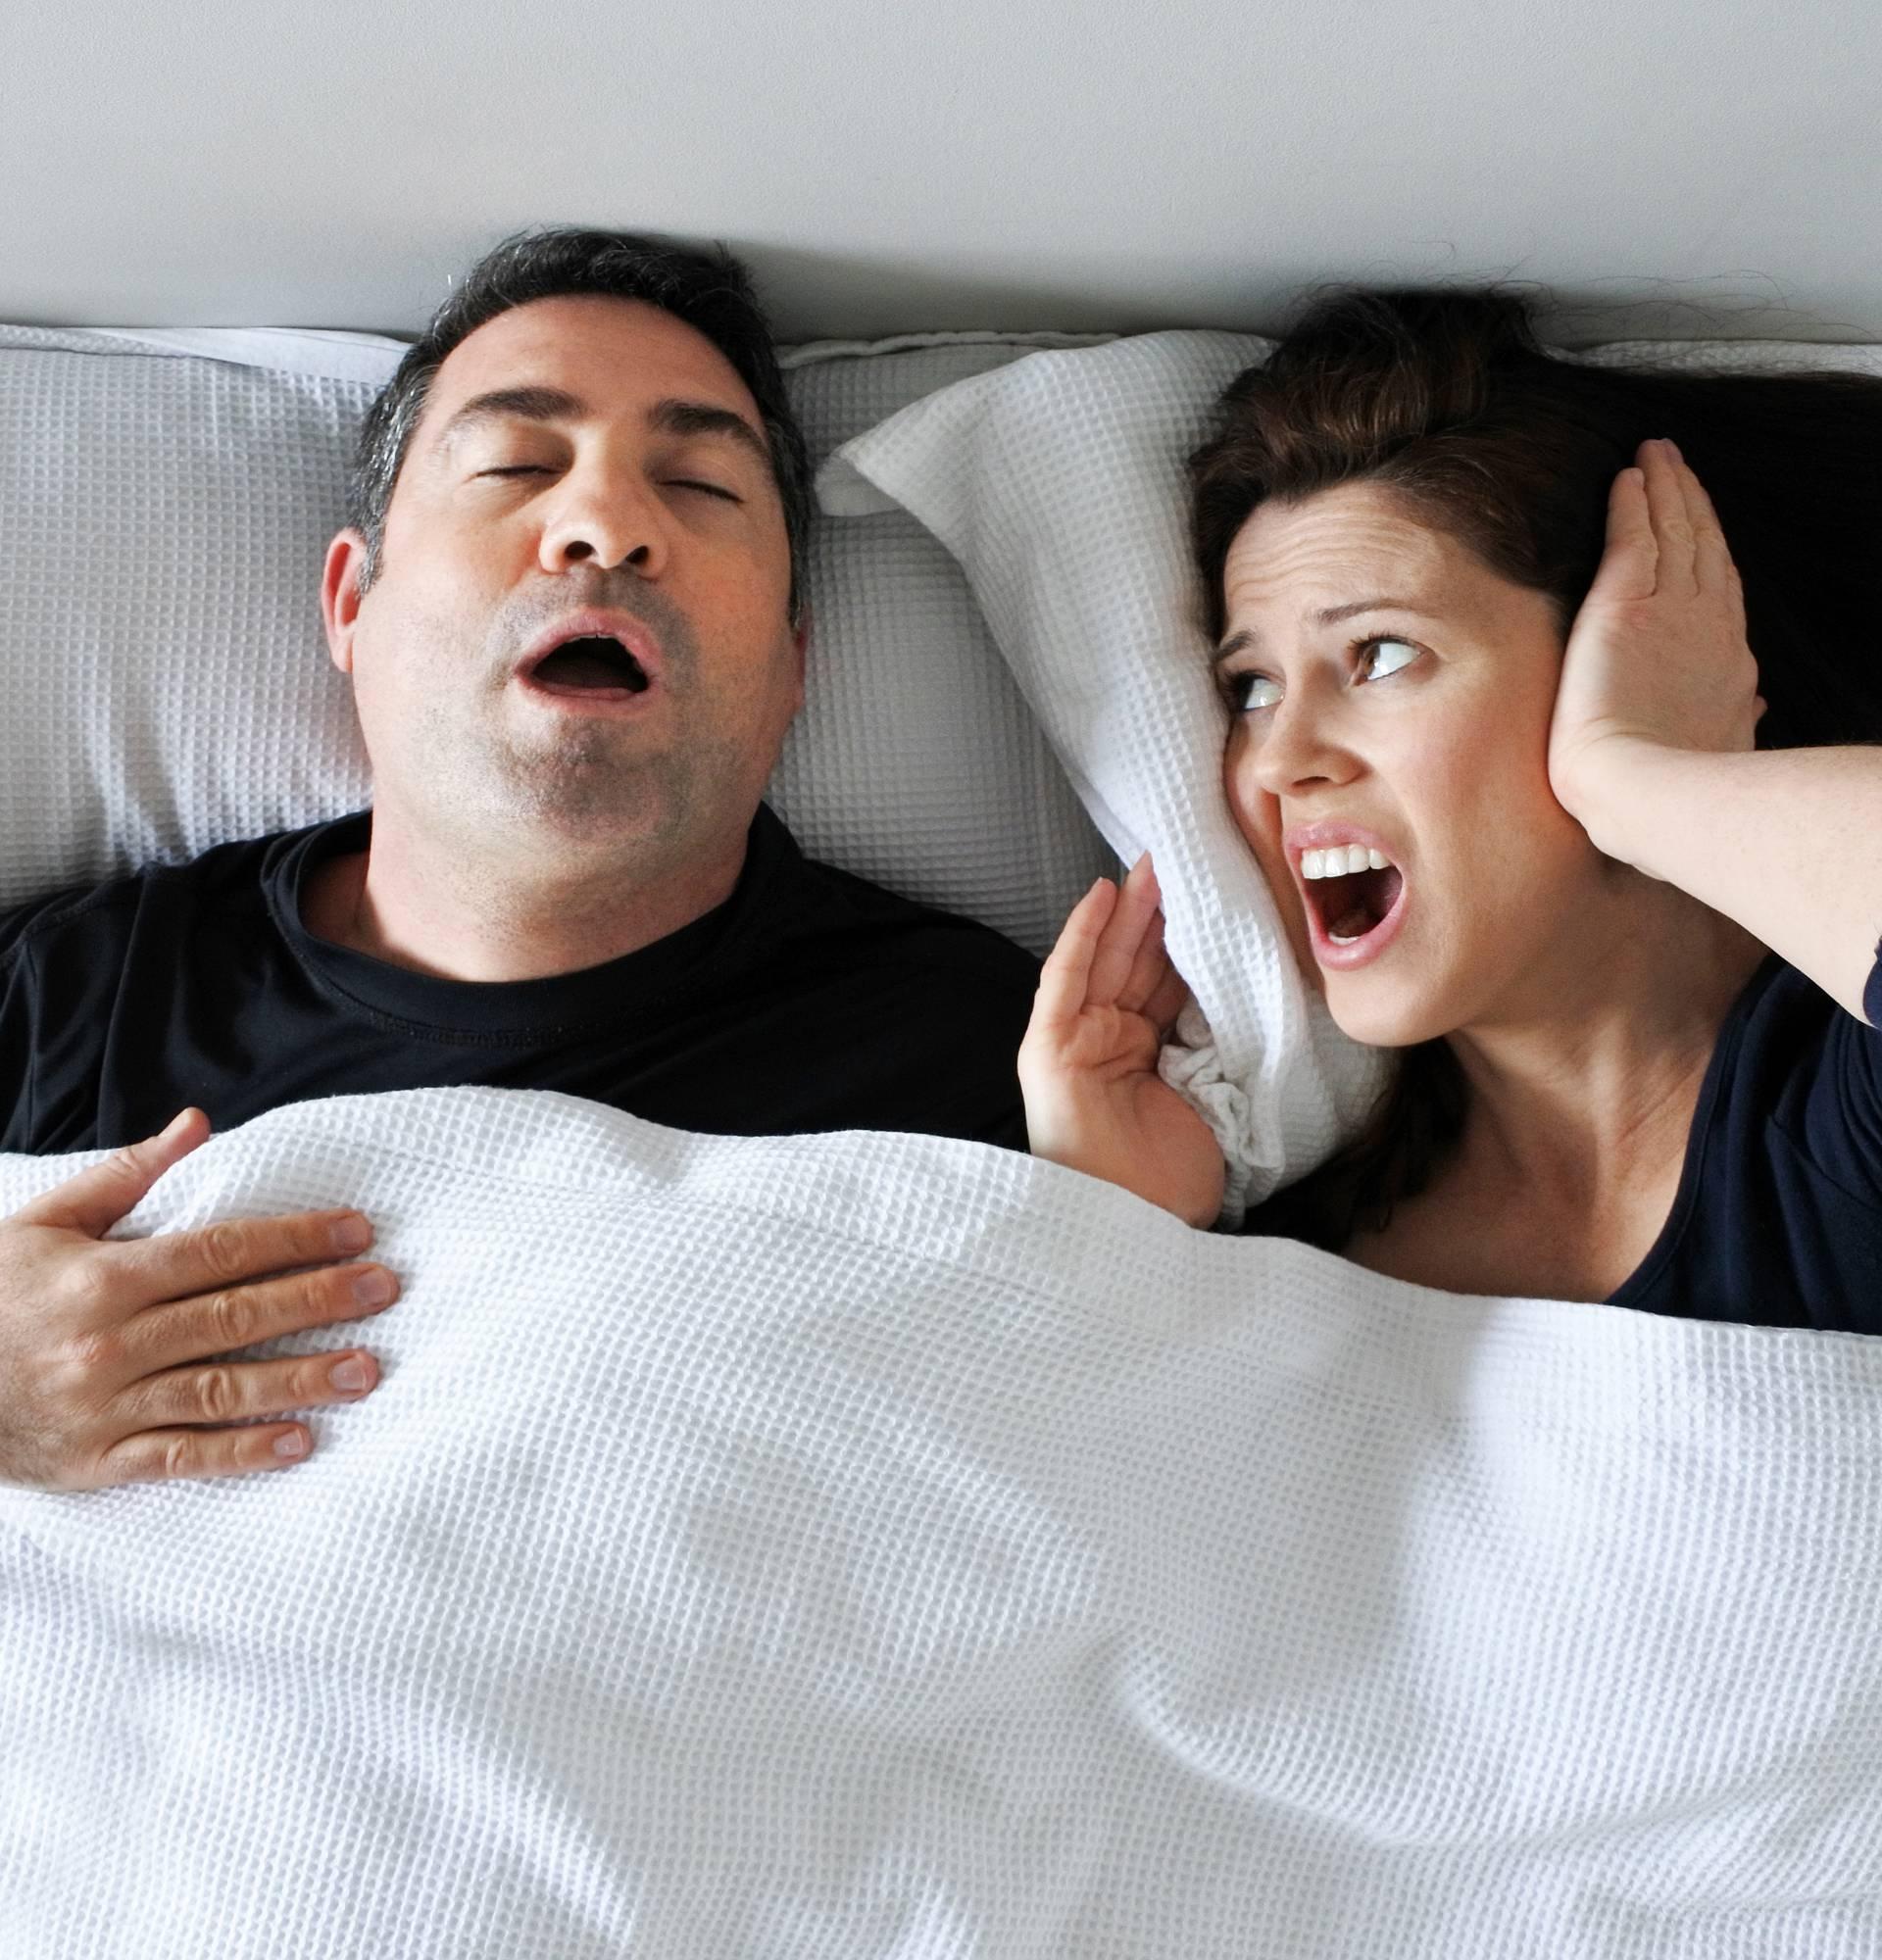 Zbog partnerovog hrkanja i vi možete imati visoki krvni tlak